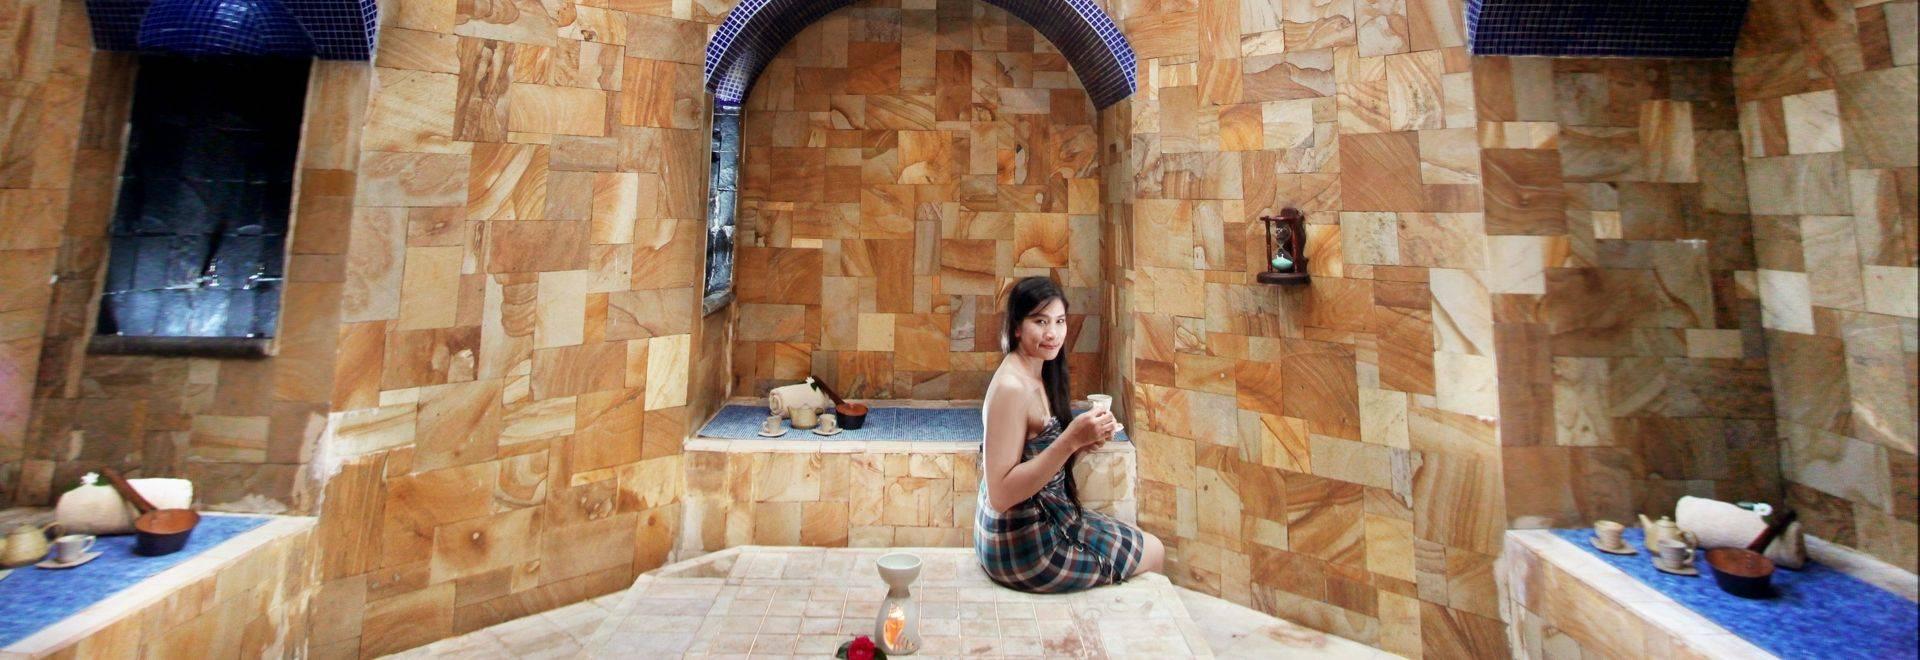 MesaStila-hammam-guest-spa.jpg